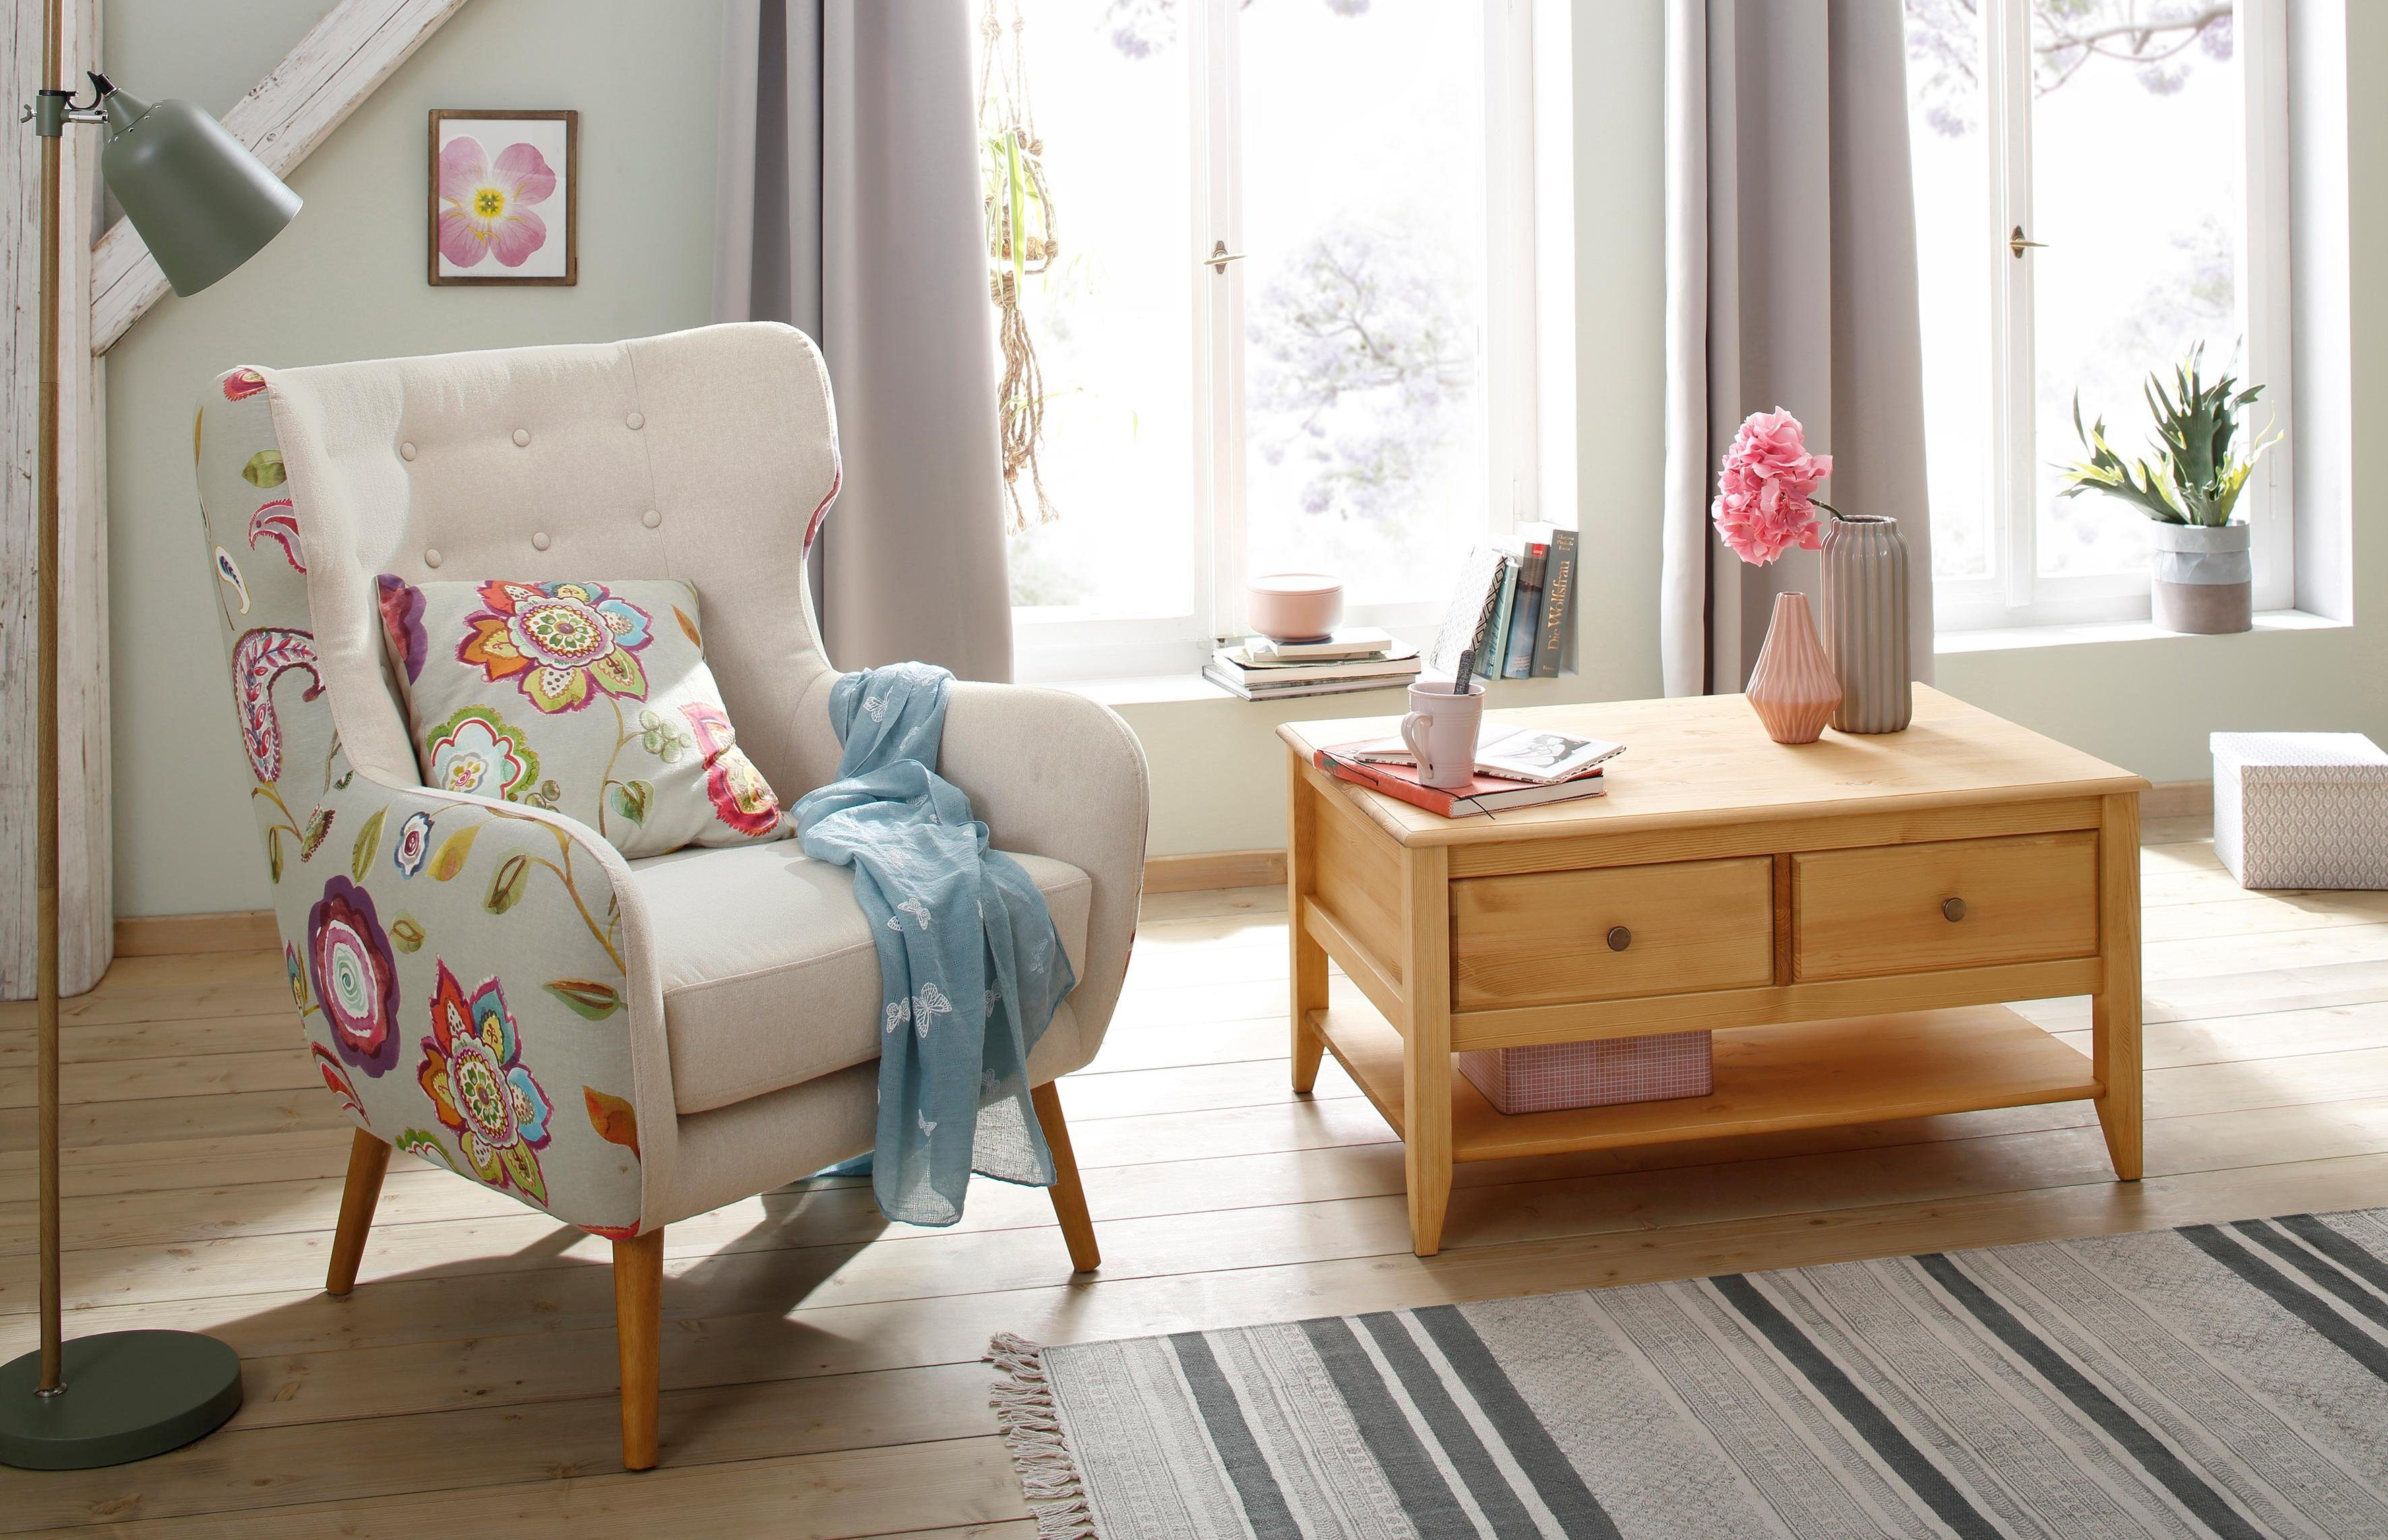 Home affaire Ohrensessel »Missouri«, zweifarbig mit tollem Blumenmuster, bequeme Sitzpolsterung, Sitzhöhe 48 cm